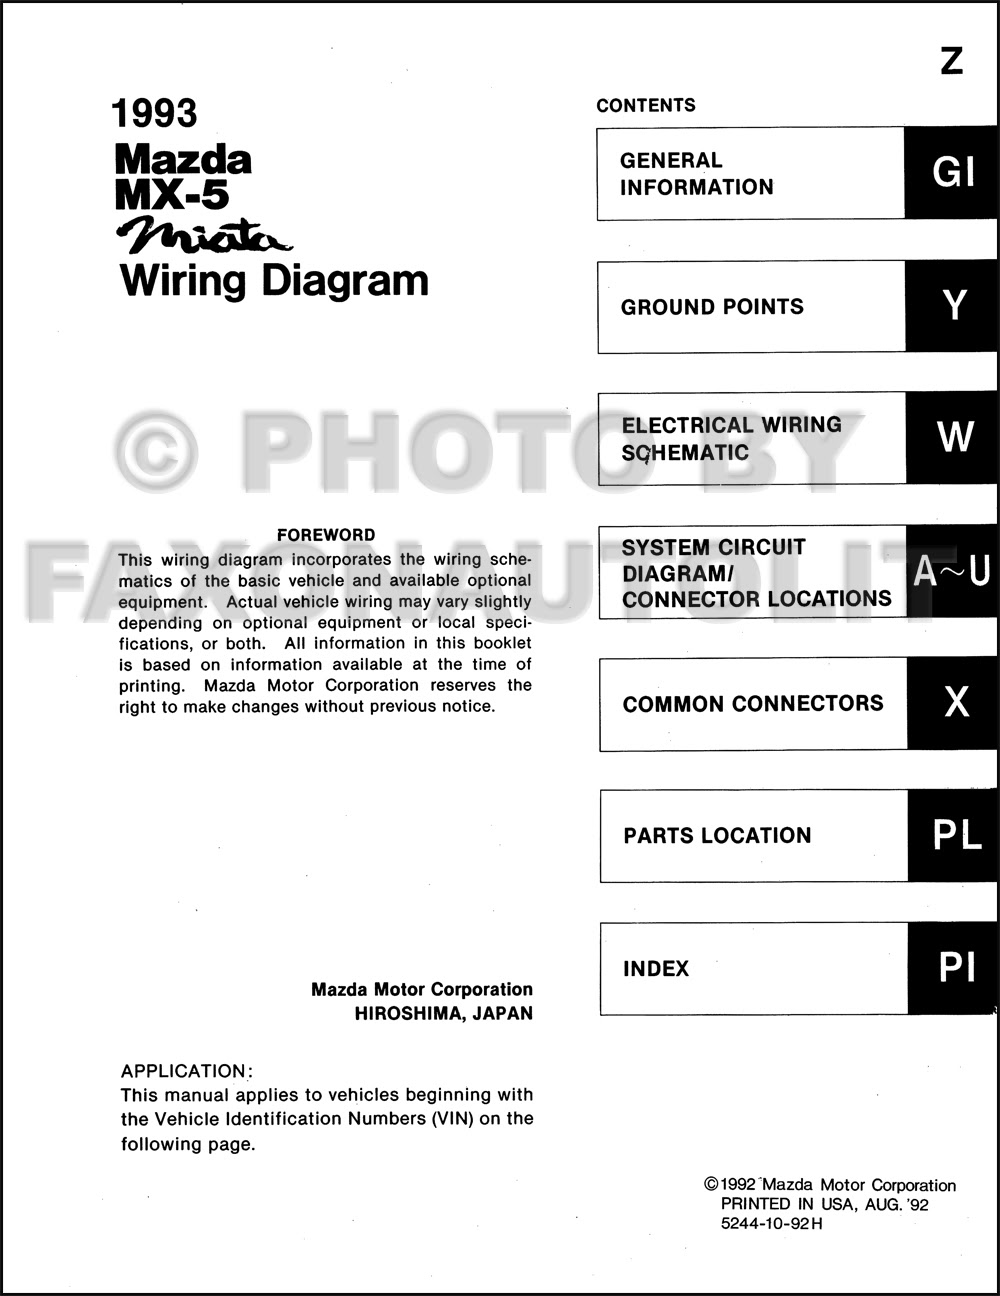 Diagram 1996 Mazda Mx 5 Miata Wiring Diagram Original Full Version Hd Quality Diagram Original Diagramsheap Unbroken Ilfilm It